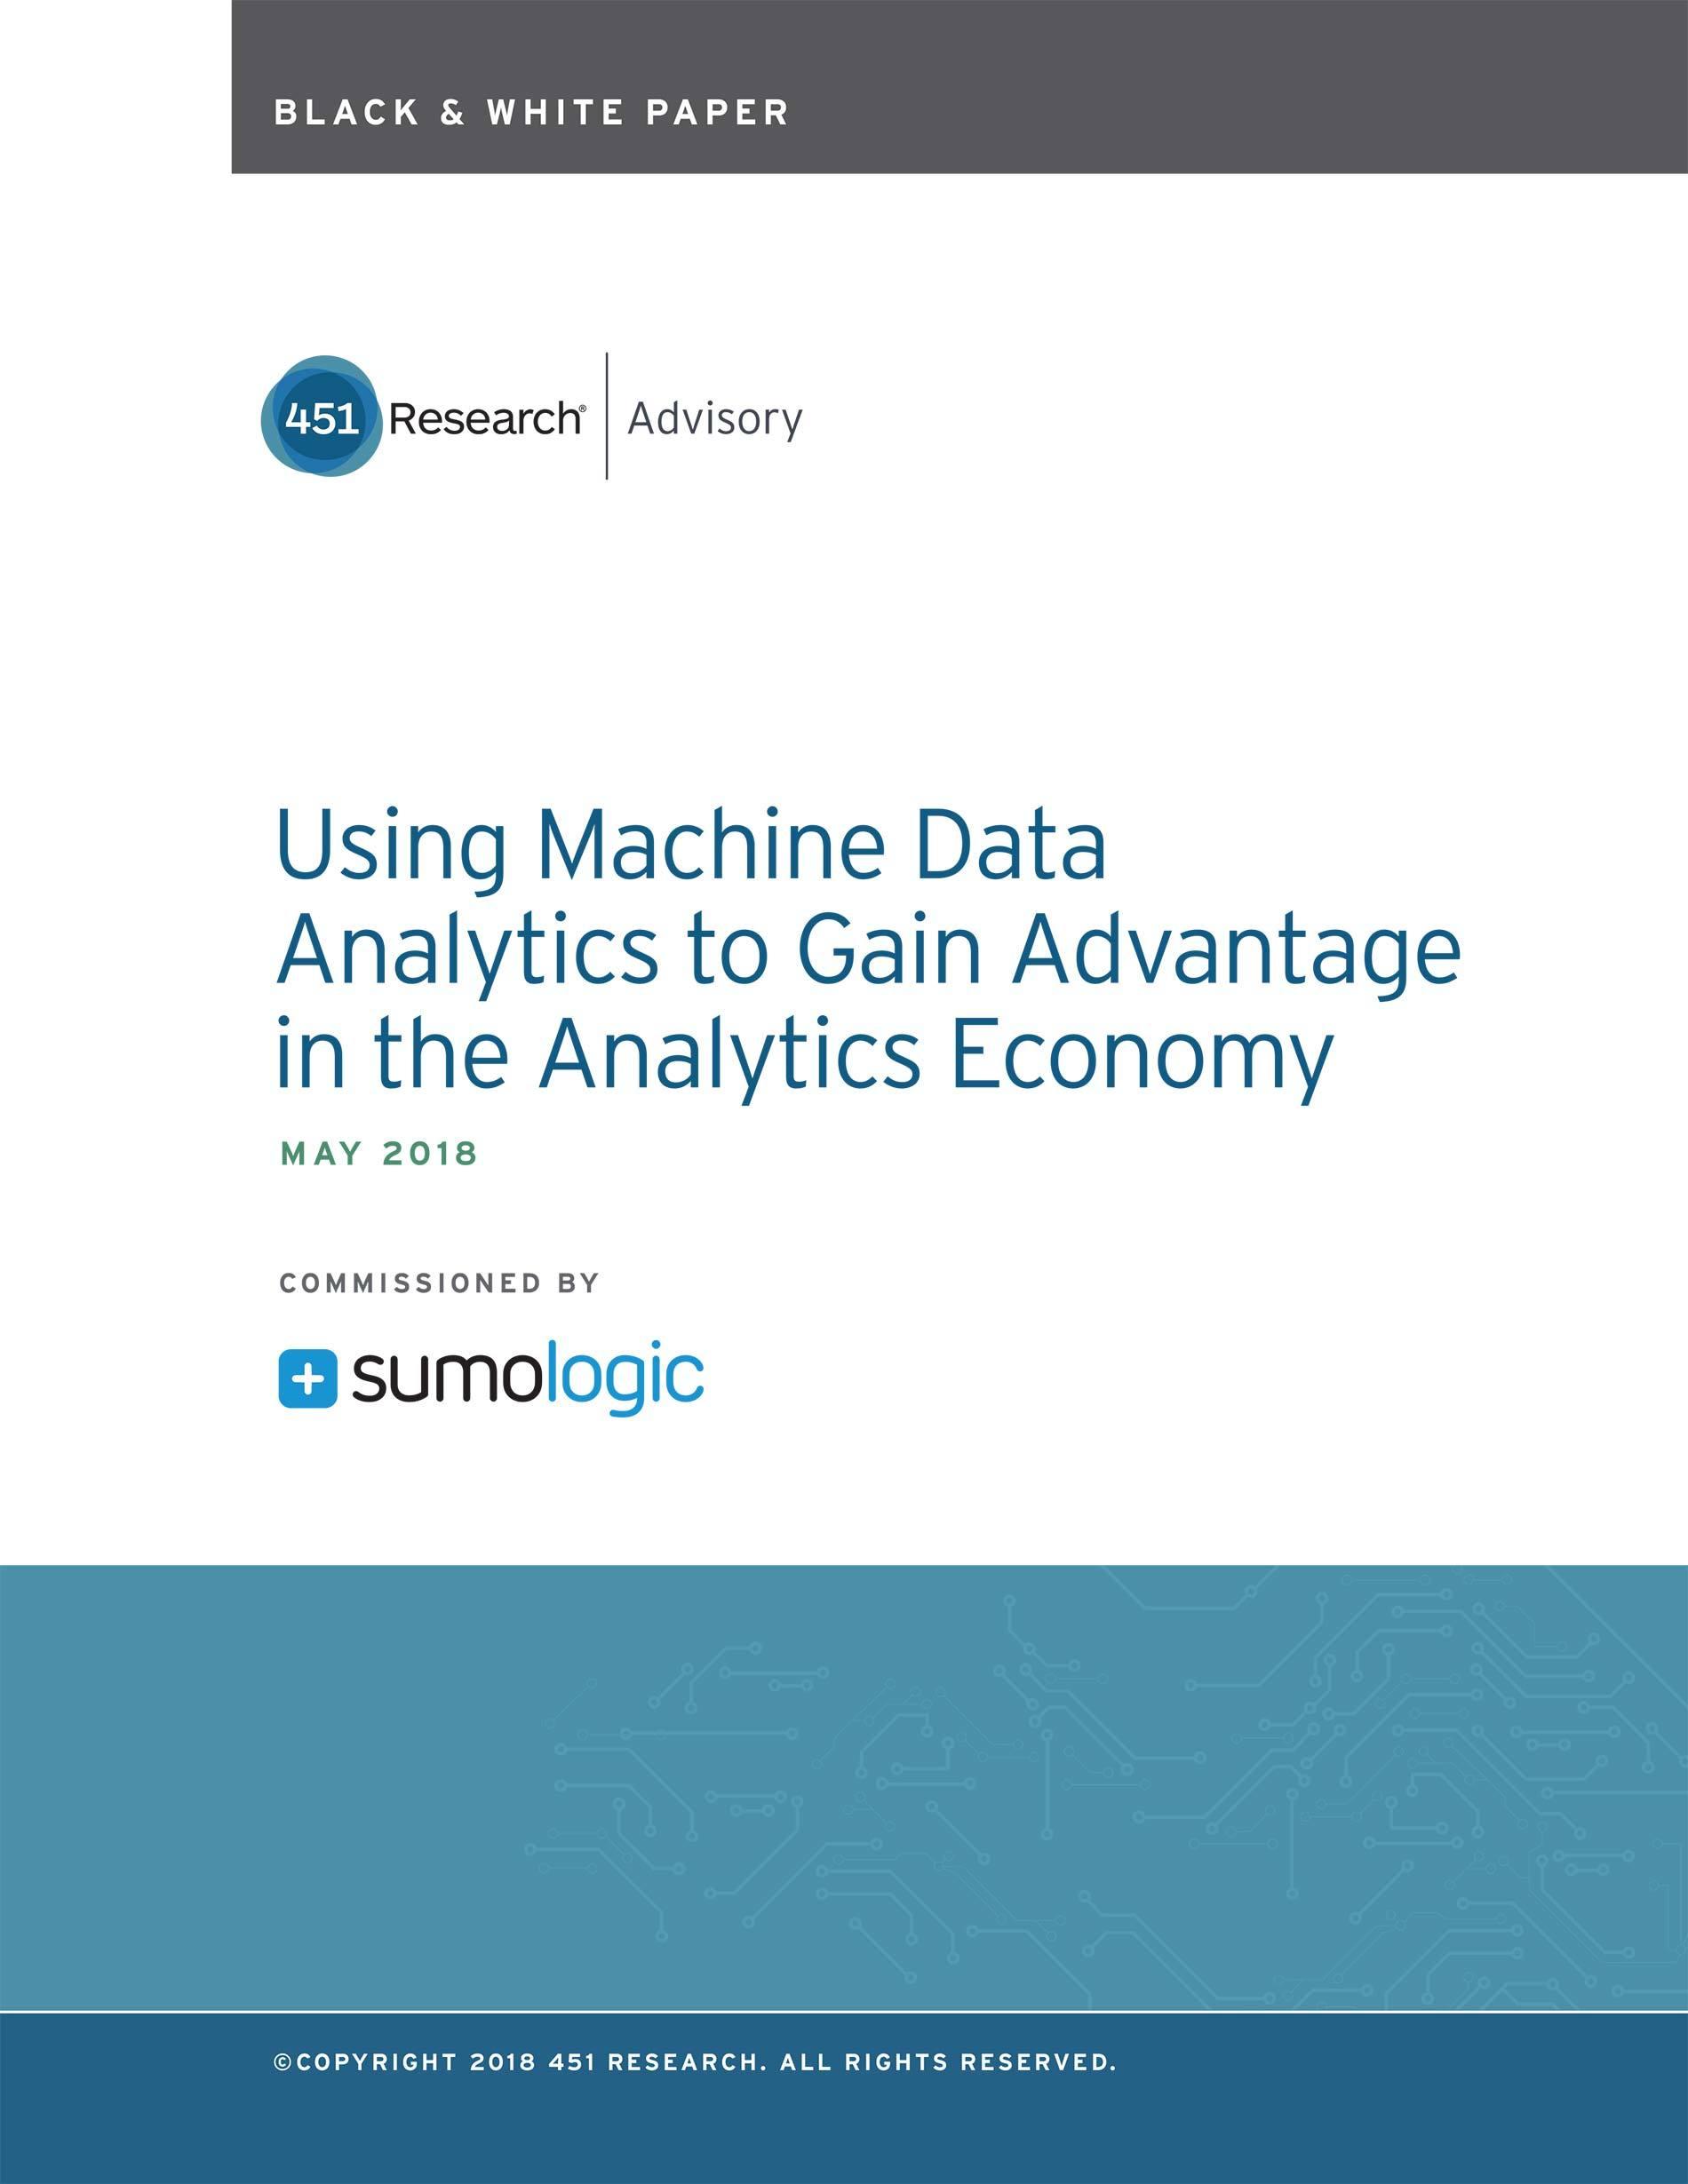 Using Machine Data Analytics to Gain Advantage in the Analytics Economy